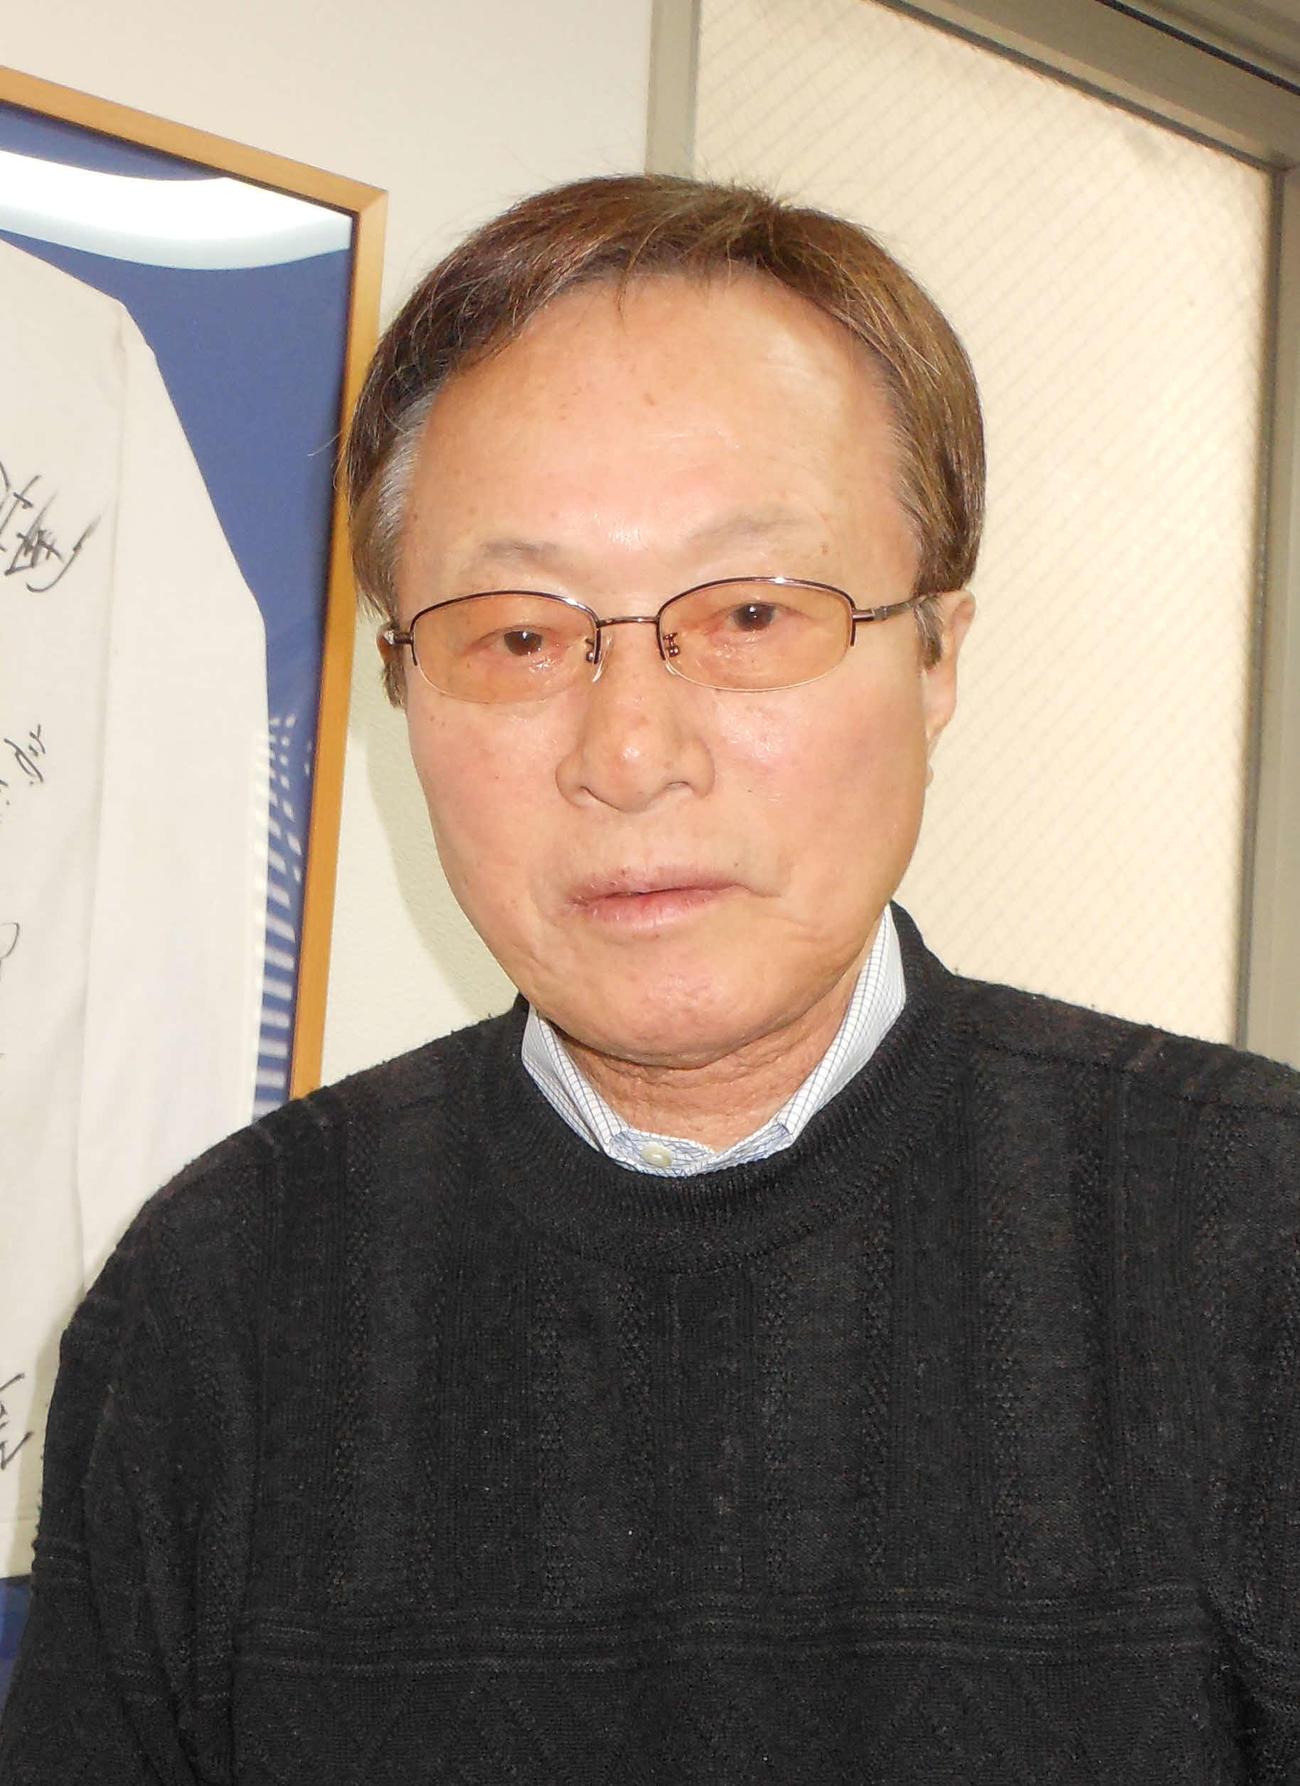 2020年3月、五輪代表メンバーのサイン入りユニホームを前に思い出を語る釜本邦茂氏